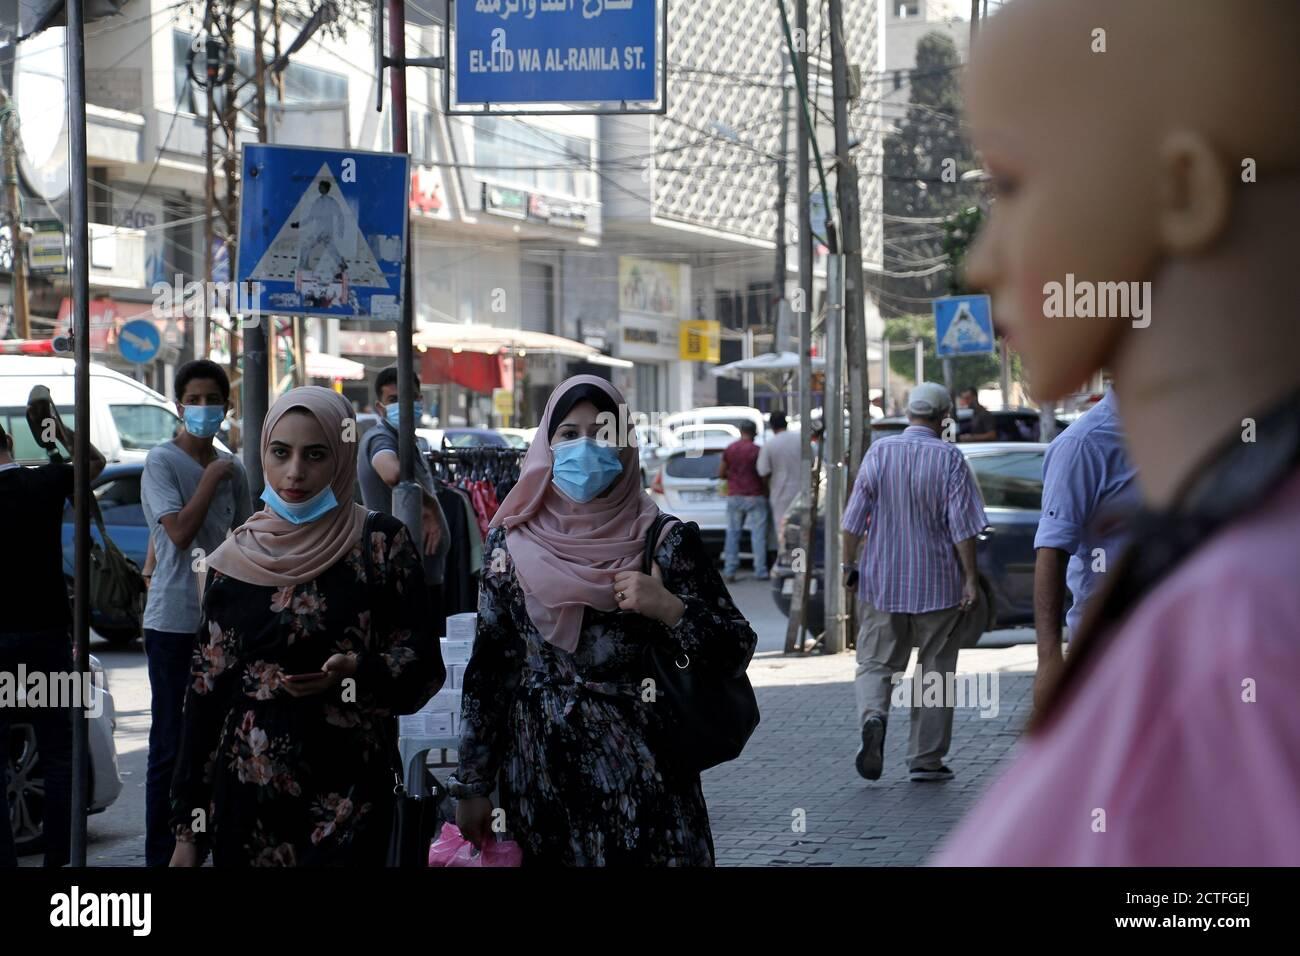 Gaza. 22 settembre 2020. I palestinesi che indossano maschere facciali camminano su una strada nella città di Gaza il 22 settembre 2020. La Palestina di martedì ha registrato 557 nuovi casi infettati con il nuovo coronavirus, portando il numero totale di infezioni a 46,614. Nella striscia di Gaza, il governo di Hamas ha recentemente attenuato le restrizioni del coronavirus. Credit: Rizek Abdeljawad/Xinhua/Alamy Live News Foto Stock